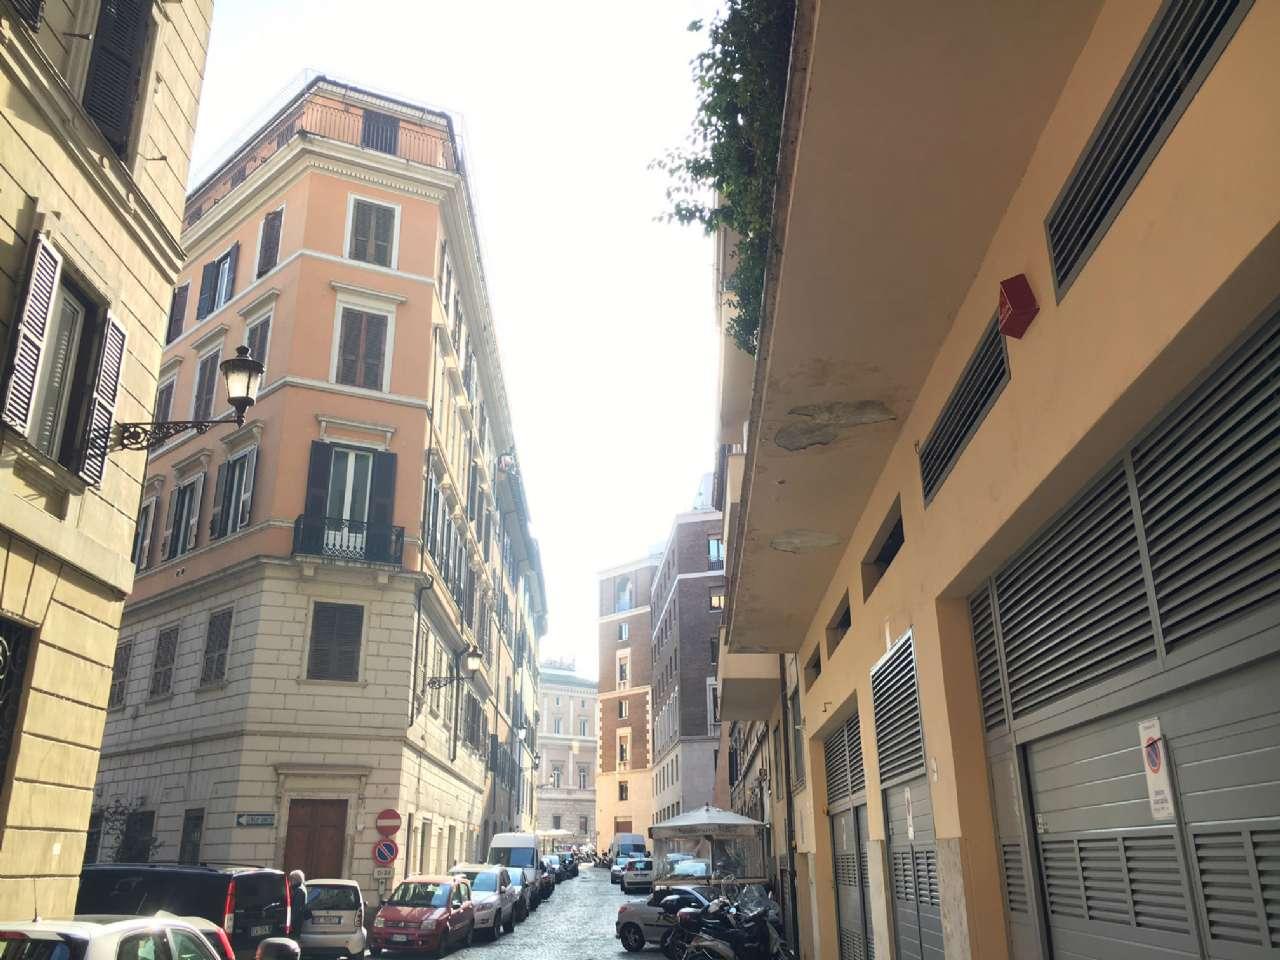 Appartamento in vendita a Roma, 3 locali, zona Zona: 1 . Centro storico, prezzo € 490.000   CambioCasa.it